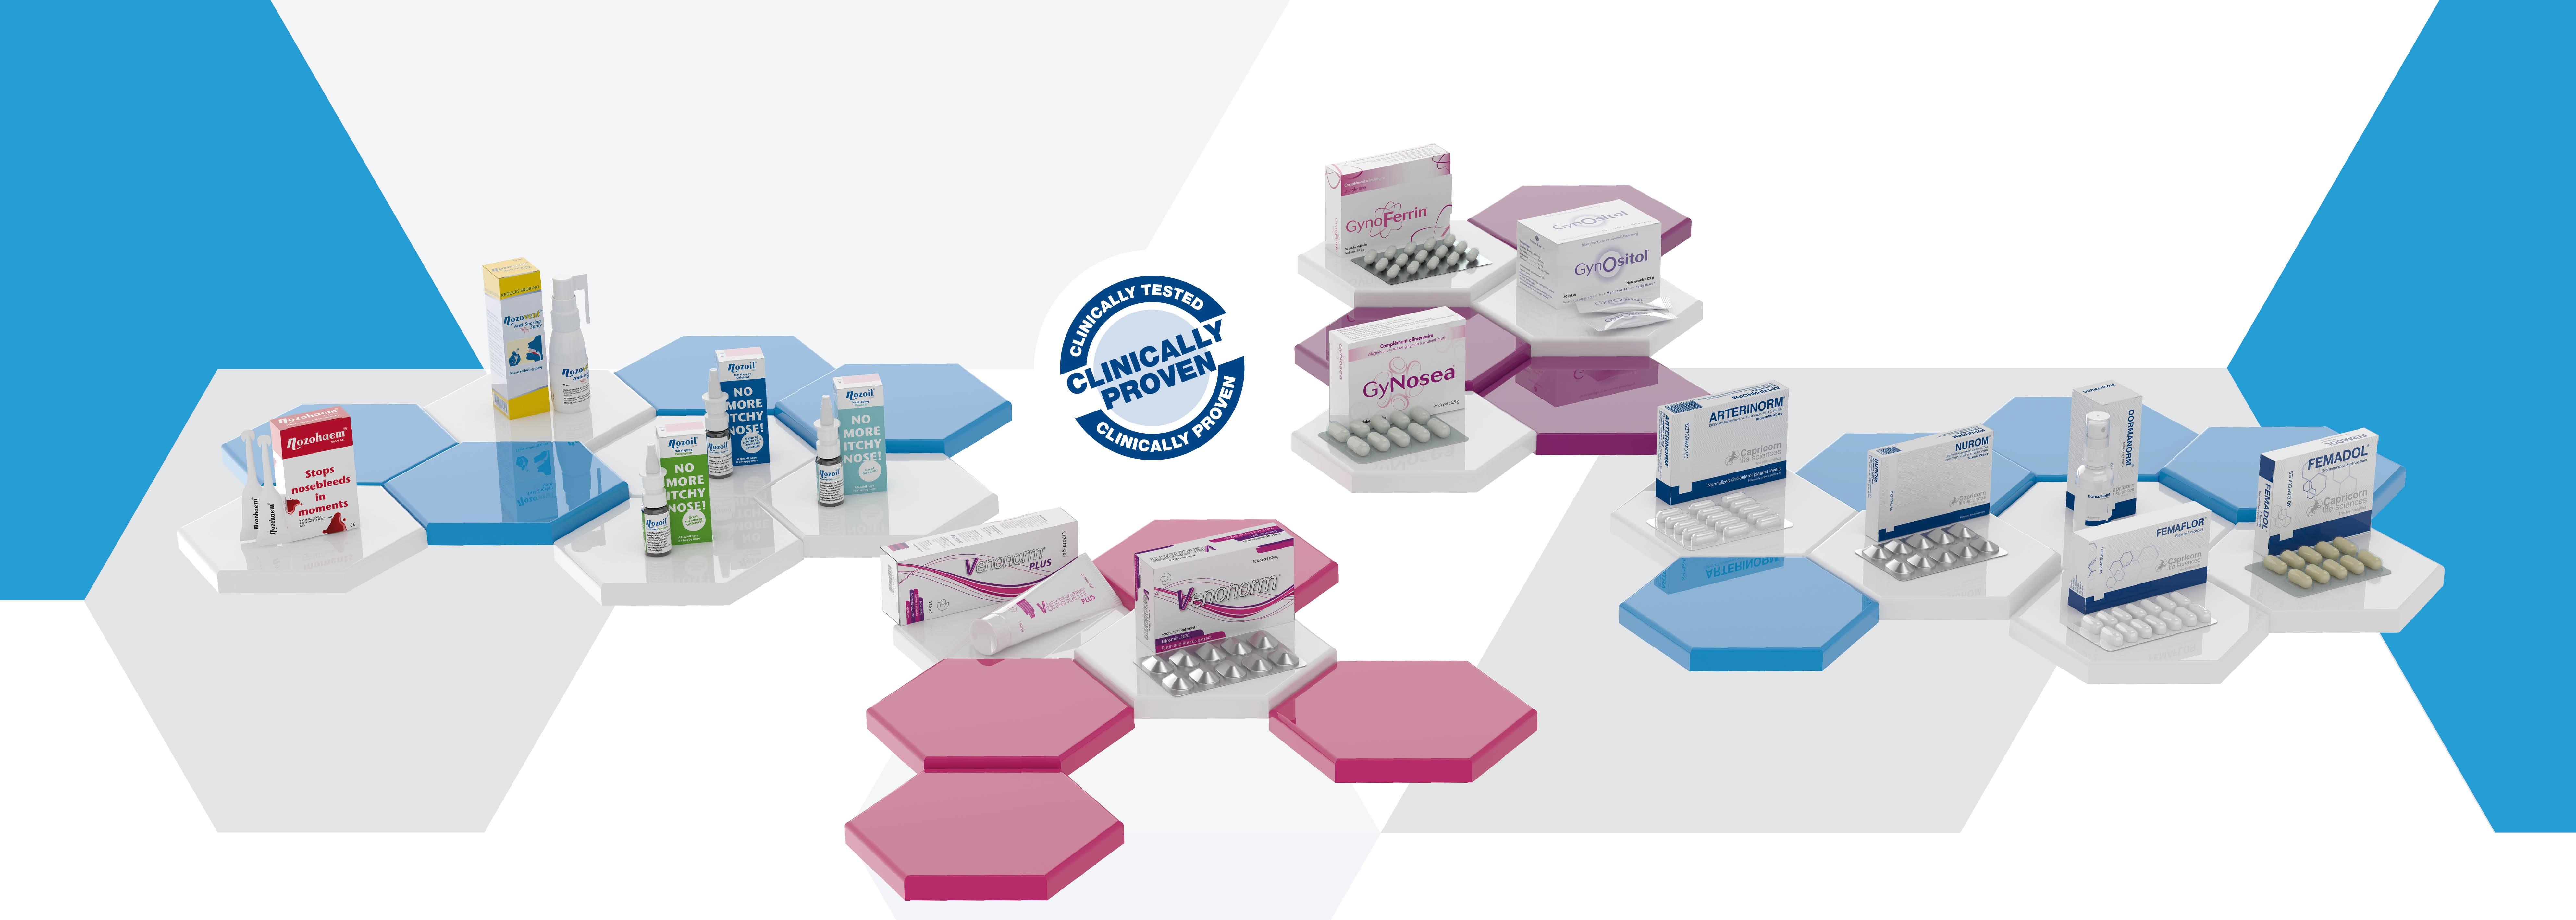 FEMANAU chewable tablets